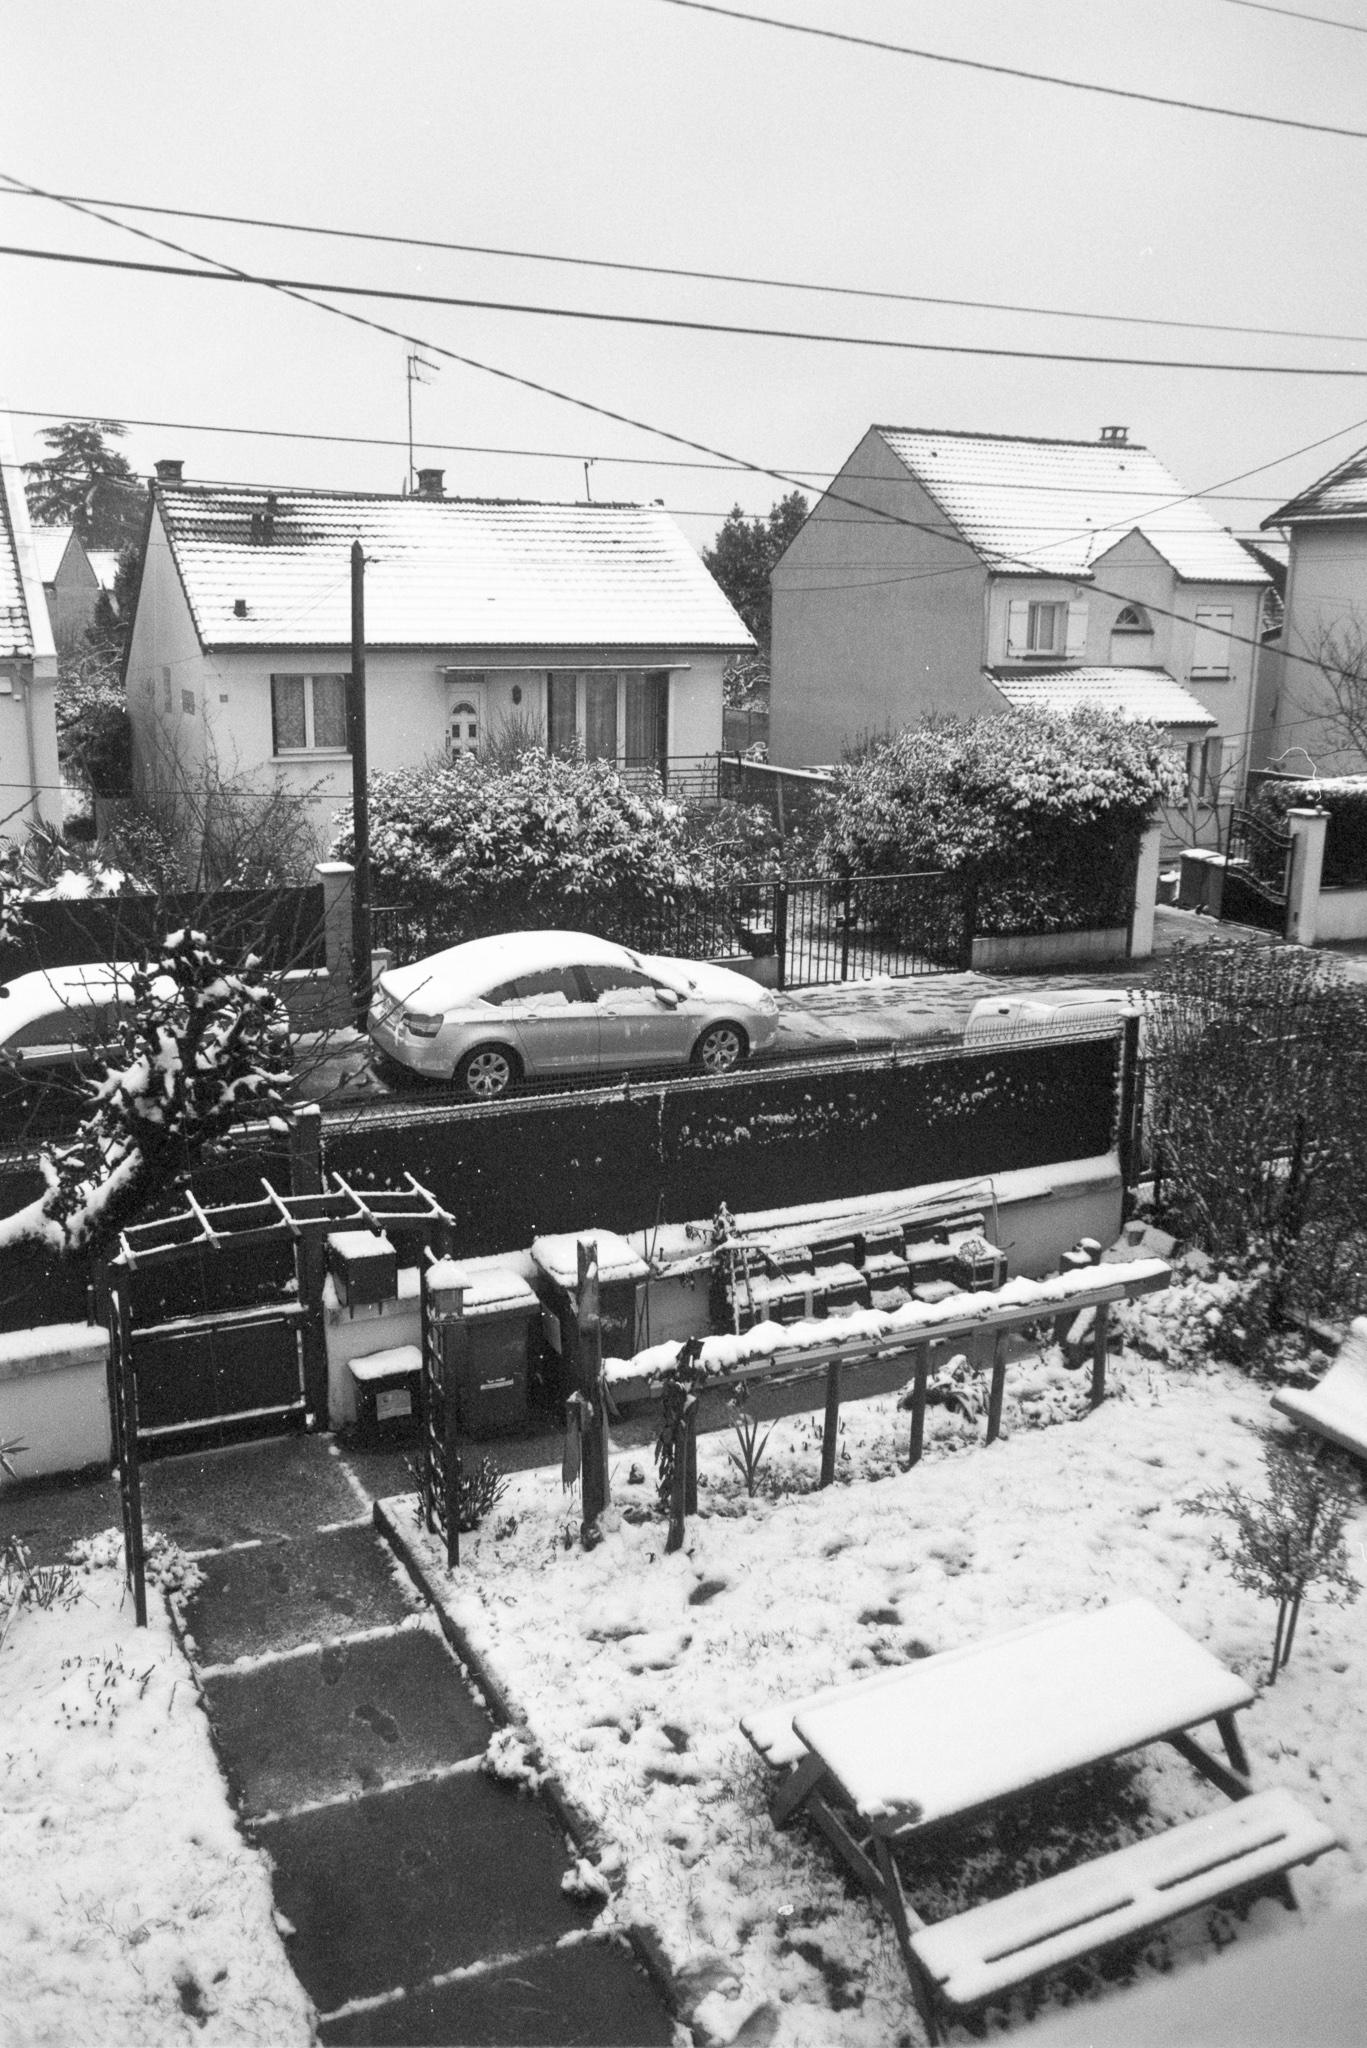 Photographie d'une ville enneigée